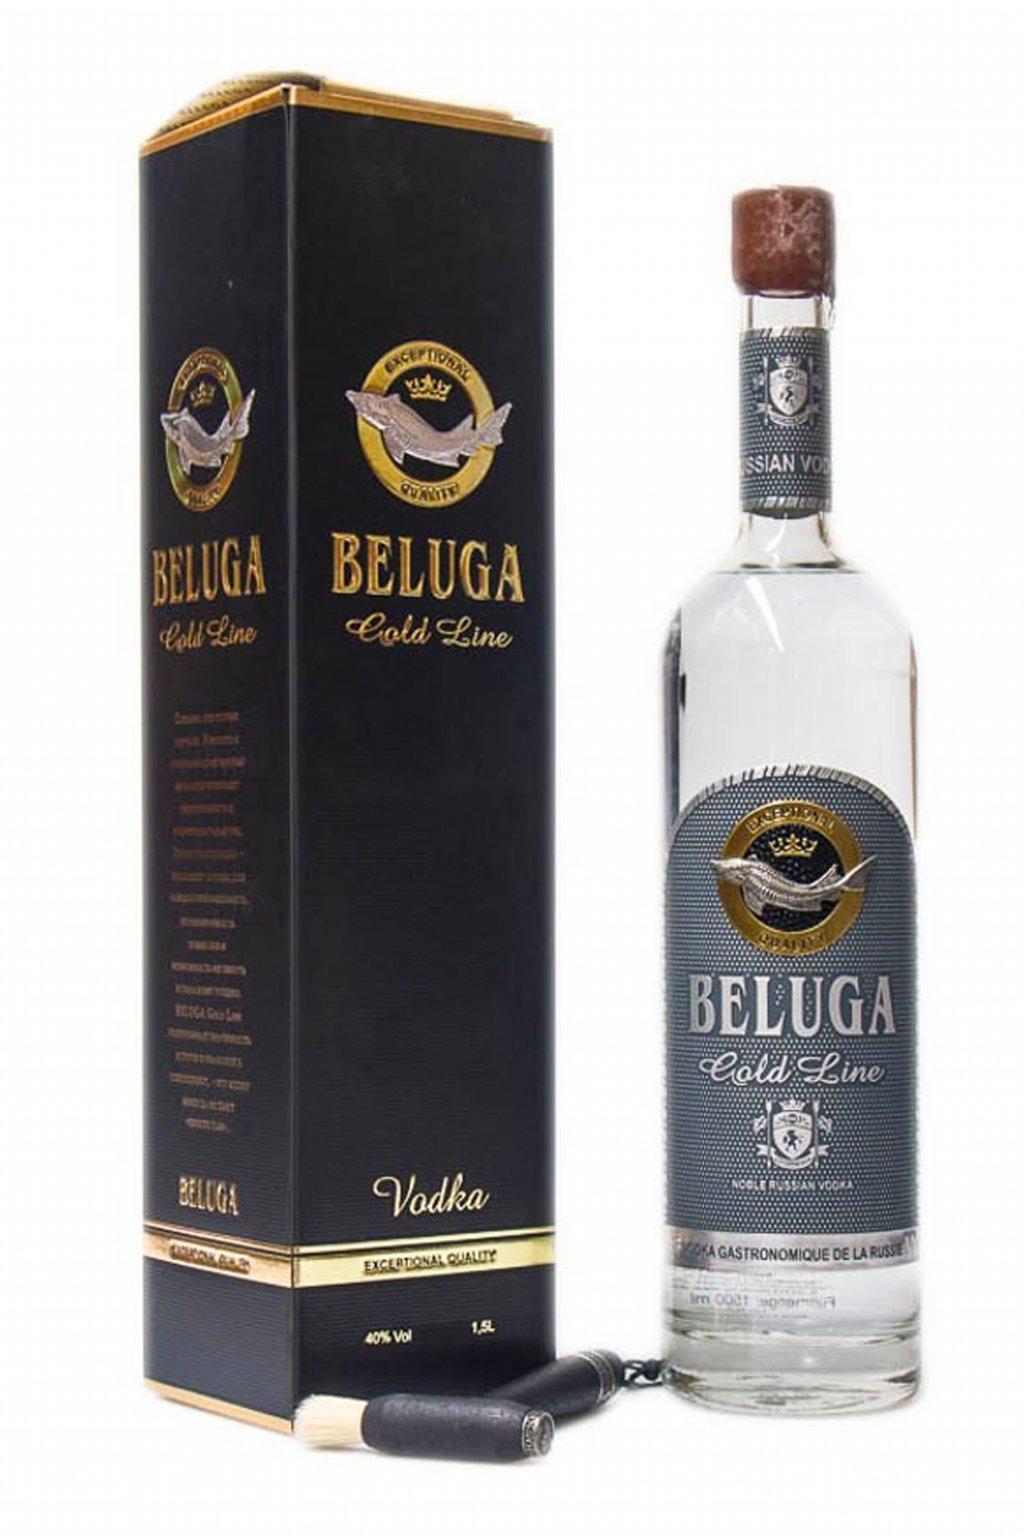 Beluga Gold Line 1,5l